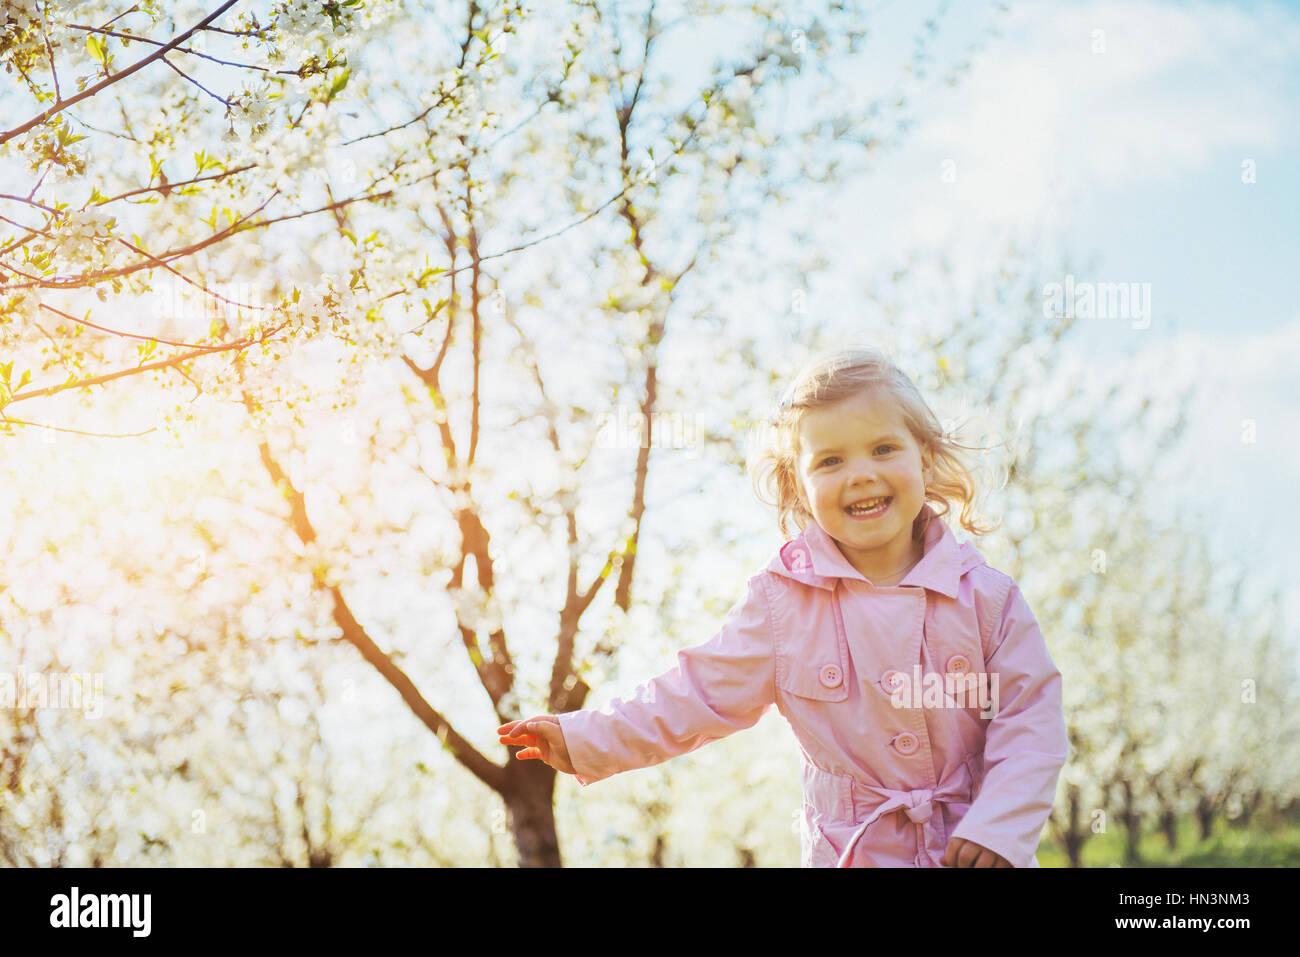 Niño corriendo en exteriores árboles en flor. Imagen De Stock